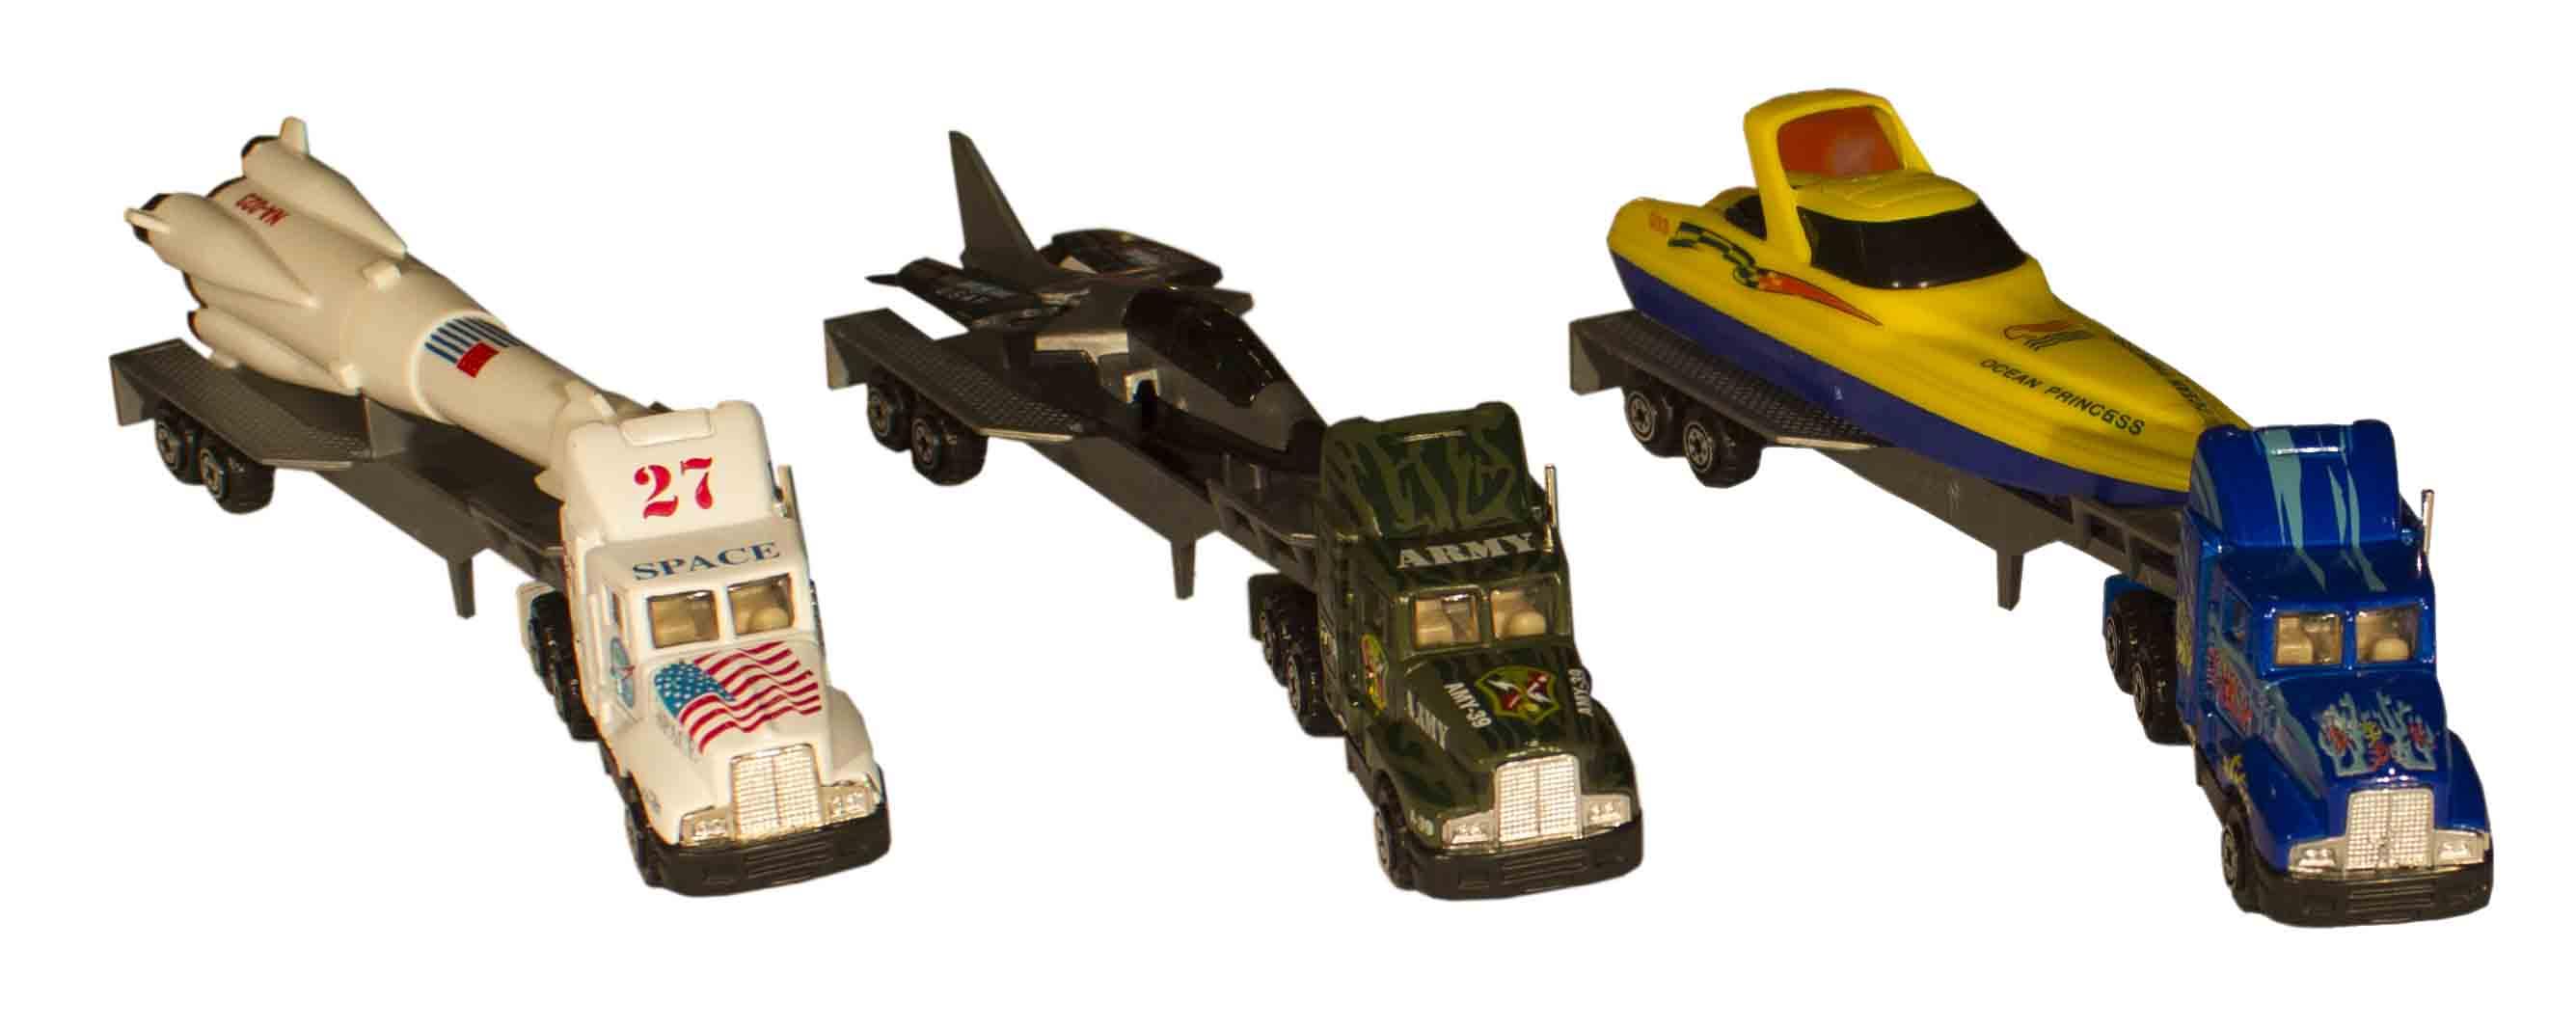 ست ماکت تریلی فلزی همراه با قایق اسباب بازی